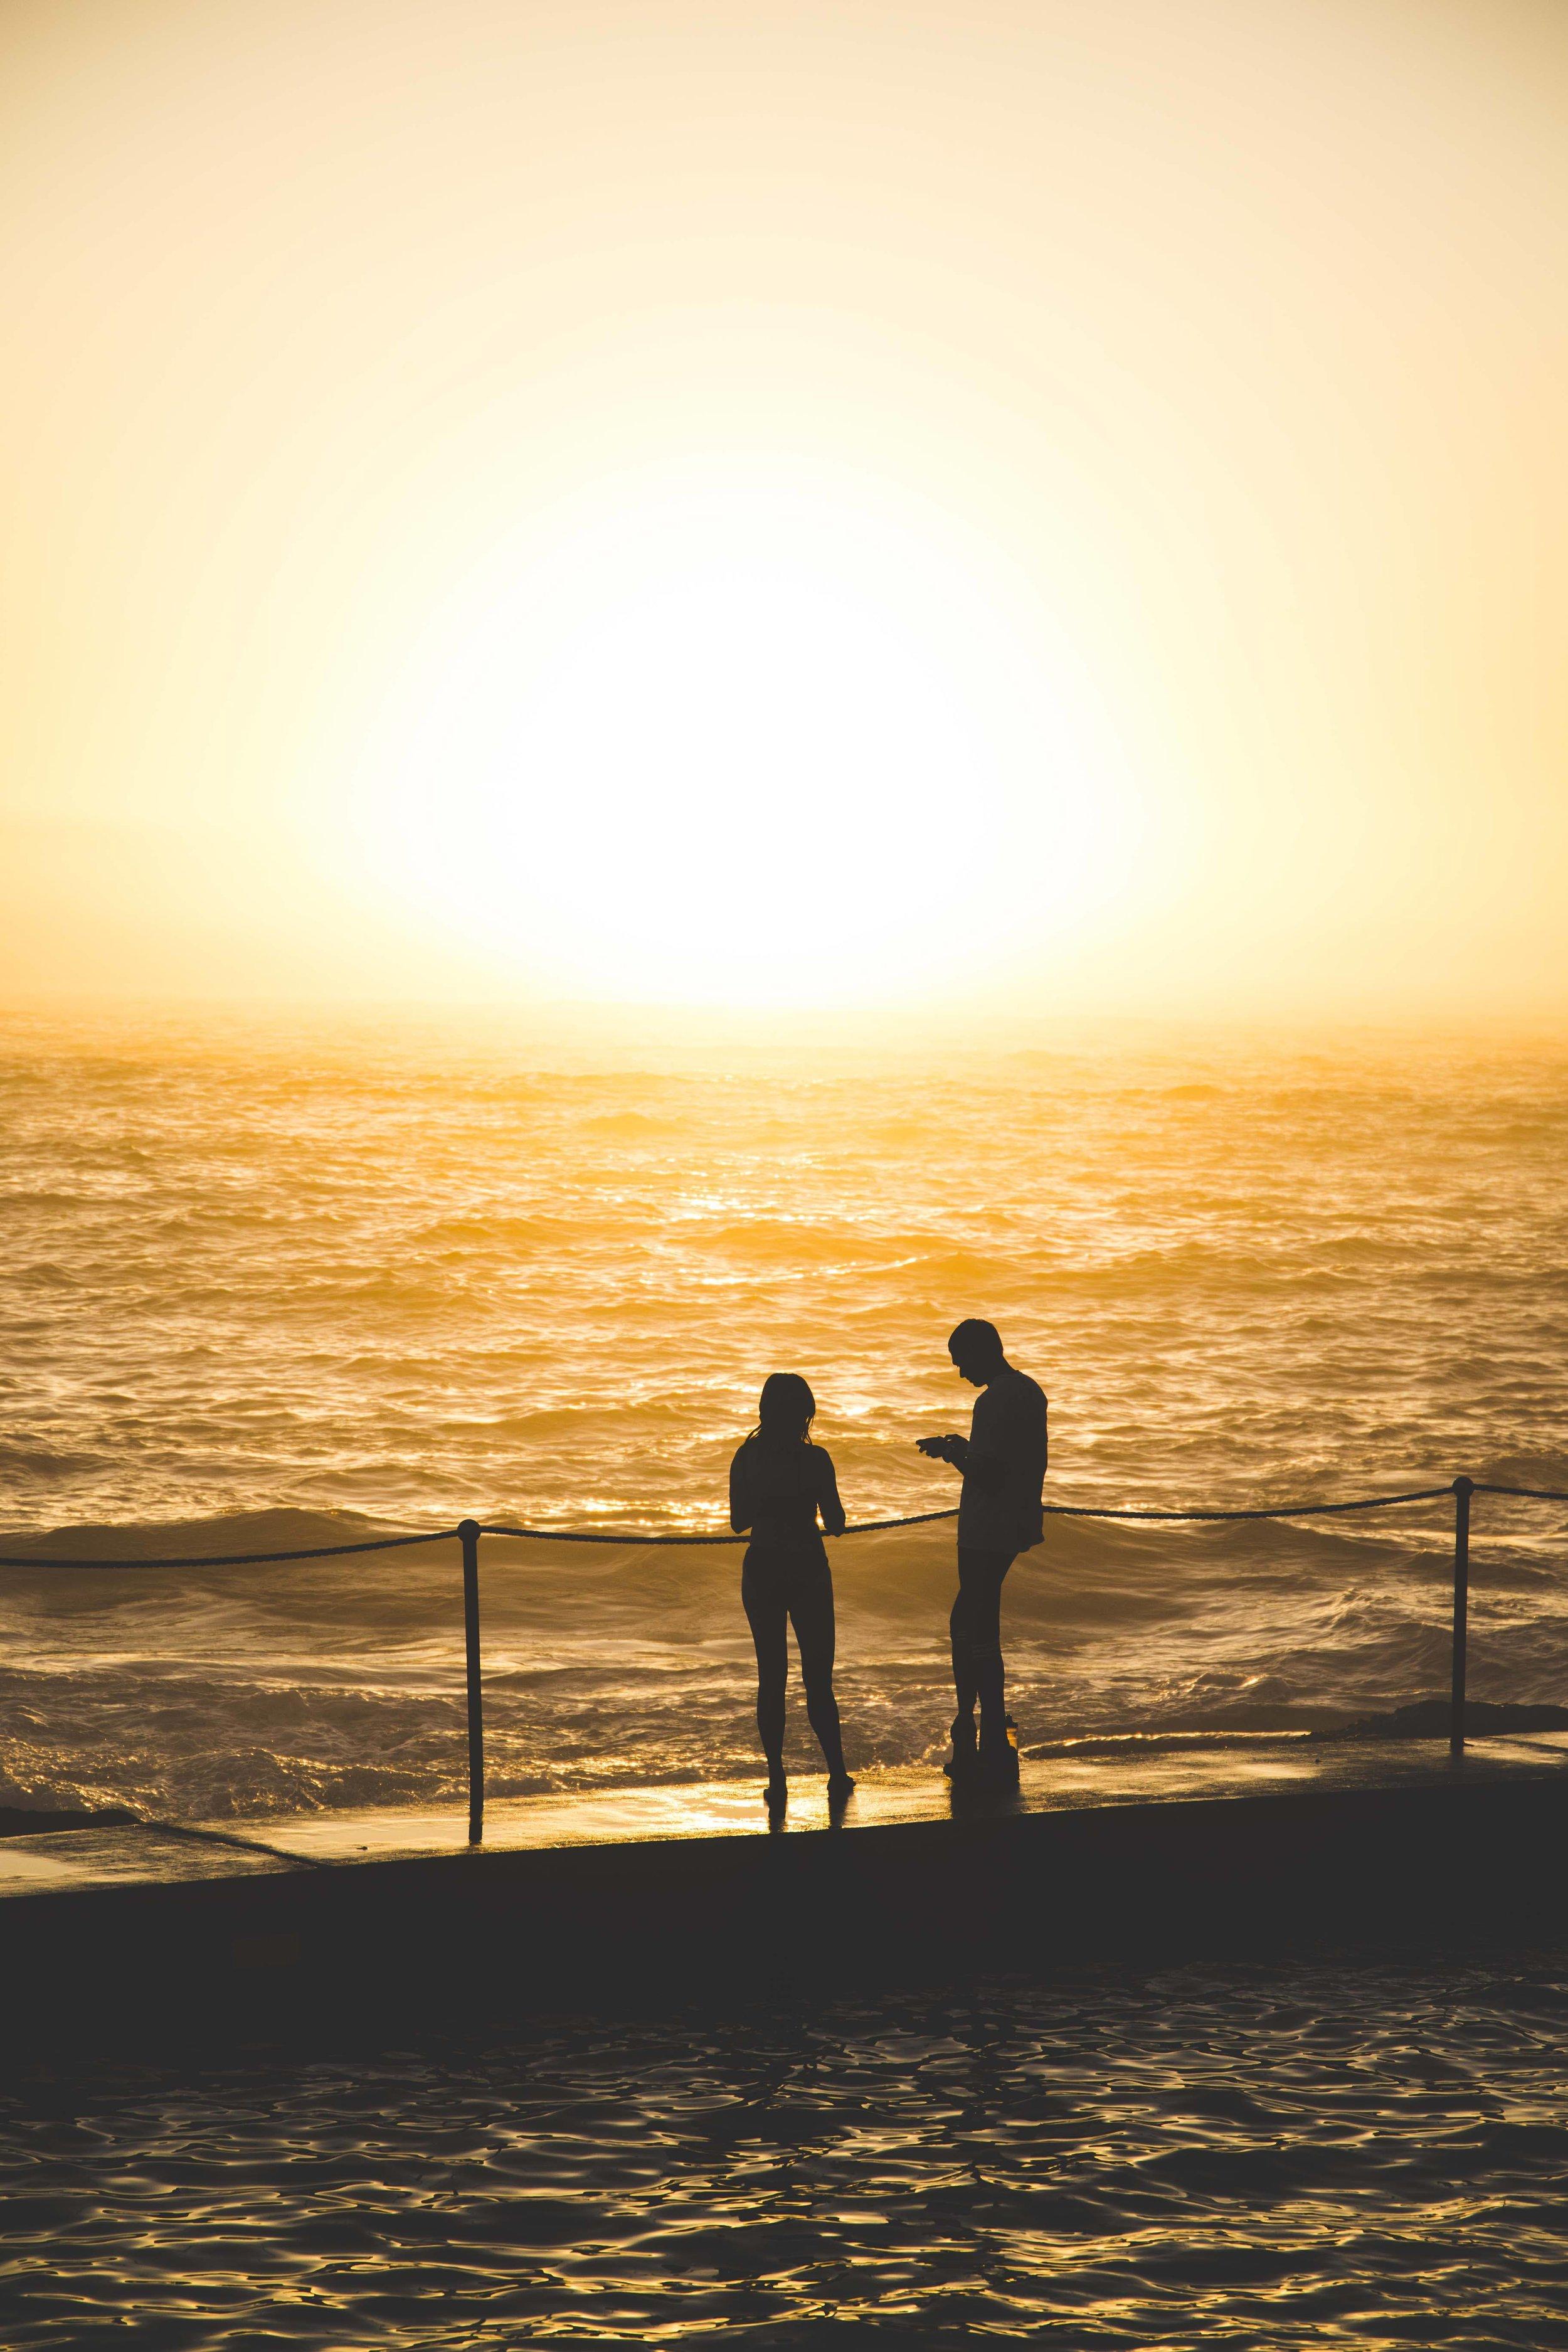 People enjoying sunrise at Bronte Beach Rockpool.Photo: Marine Raynard